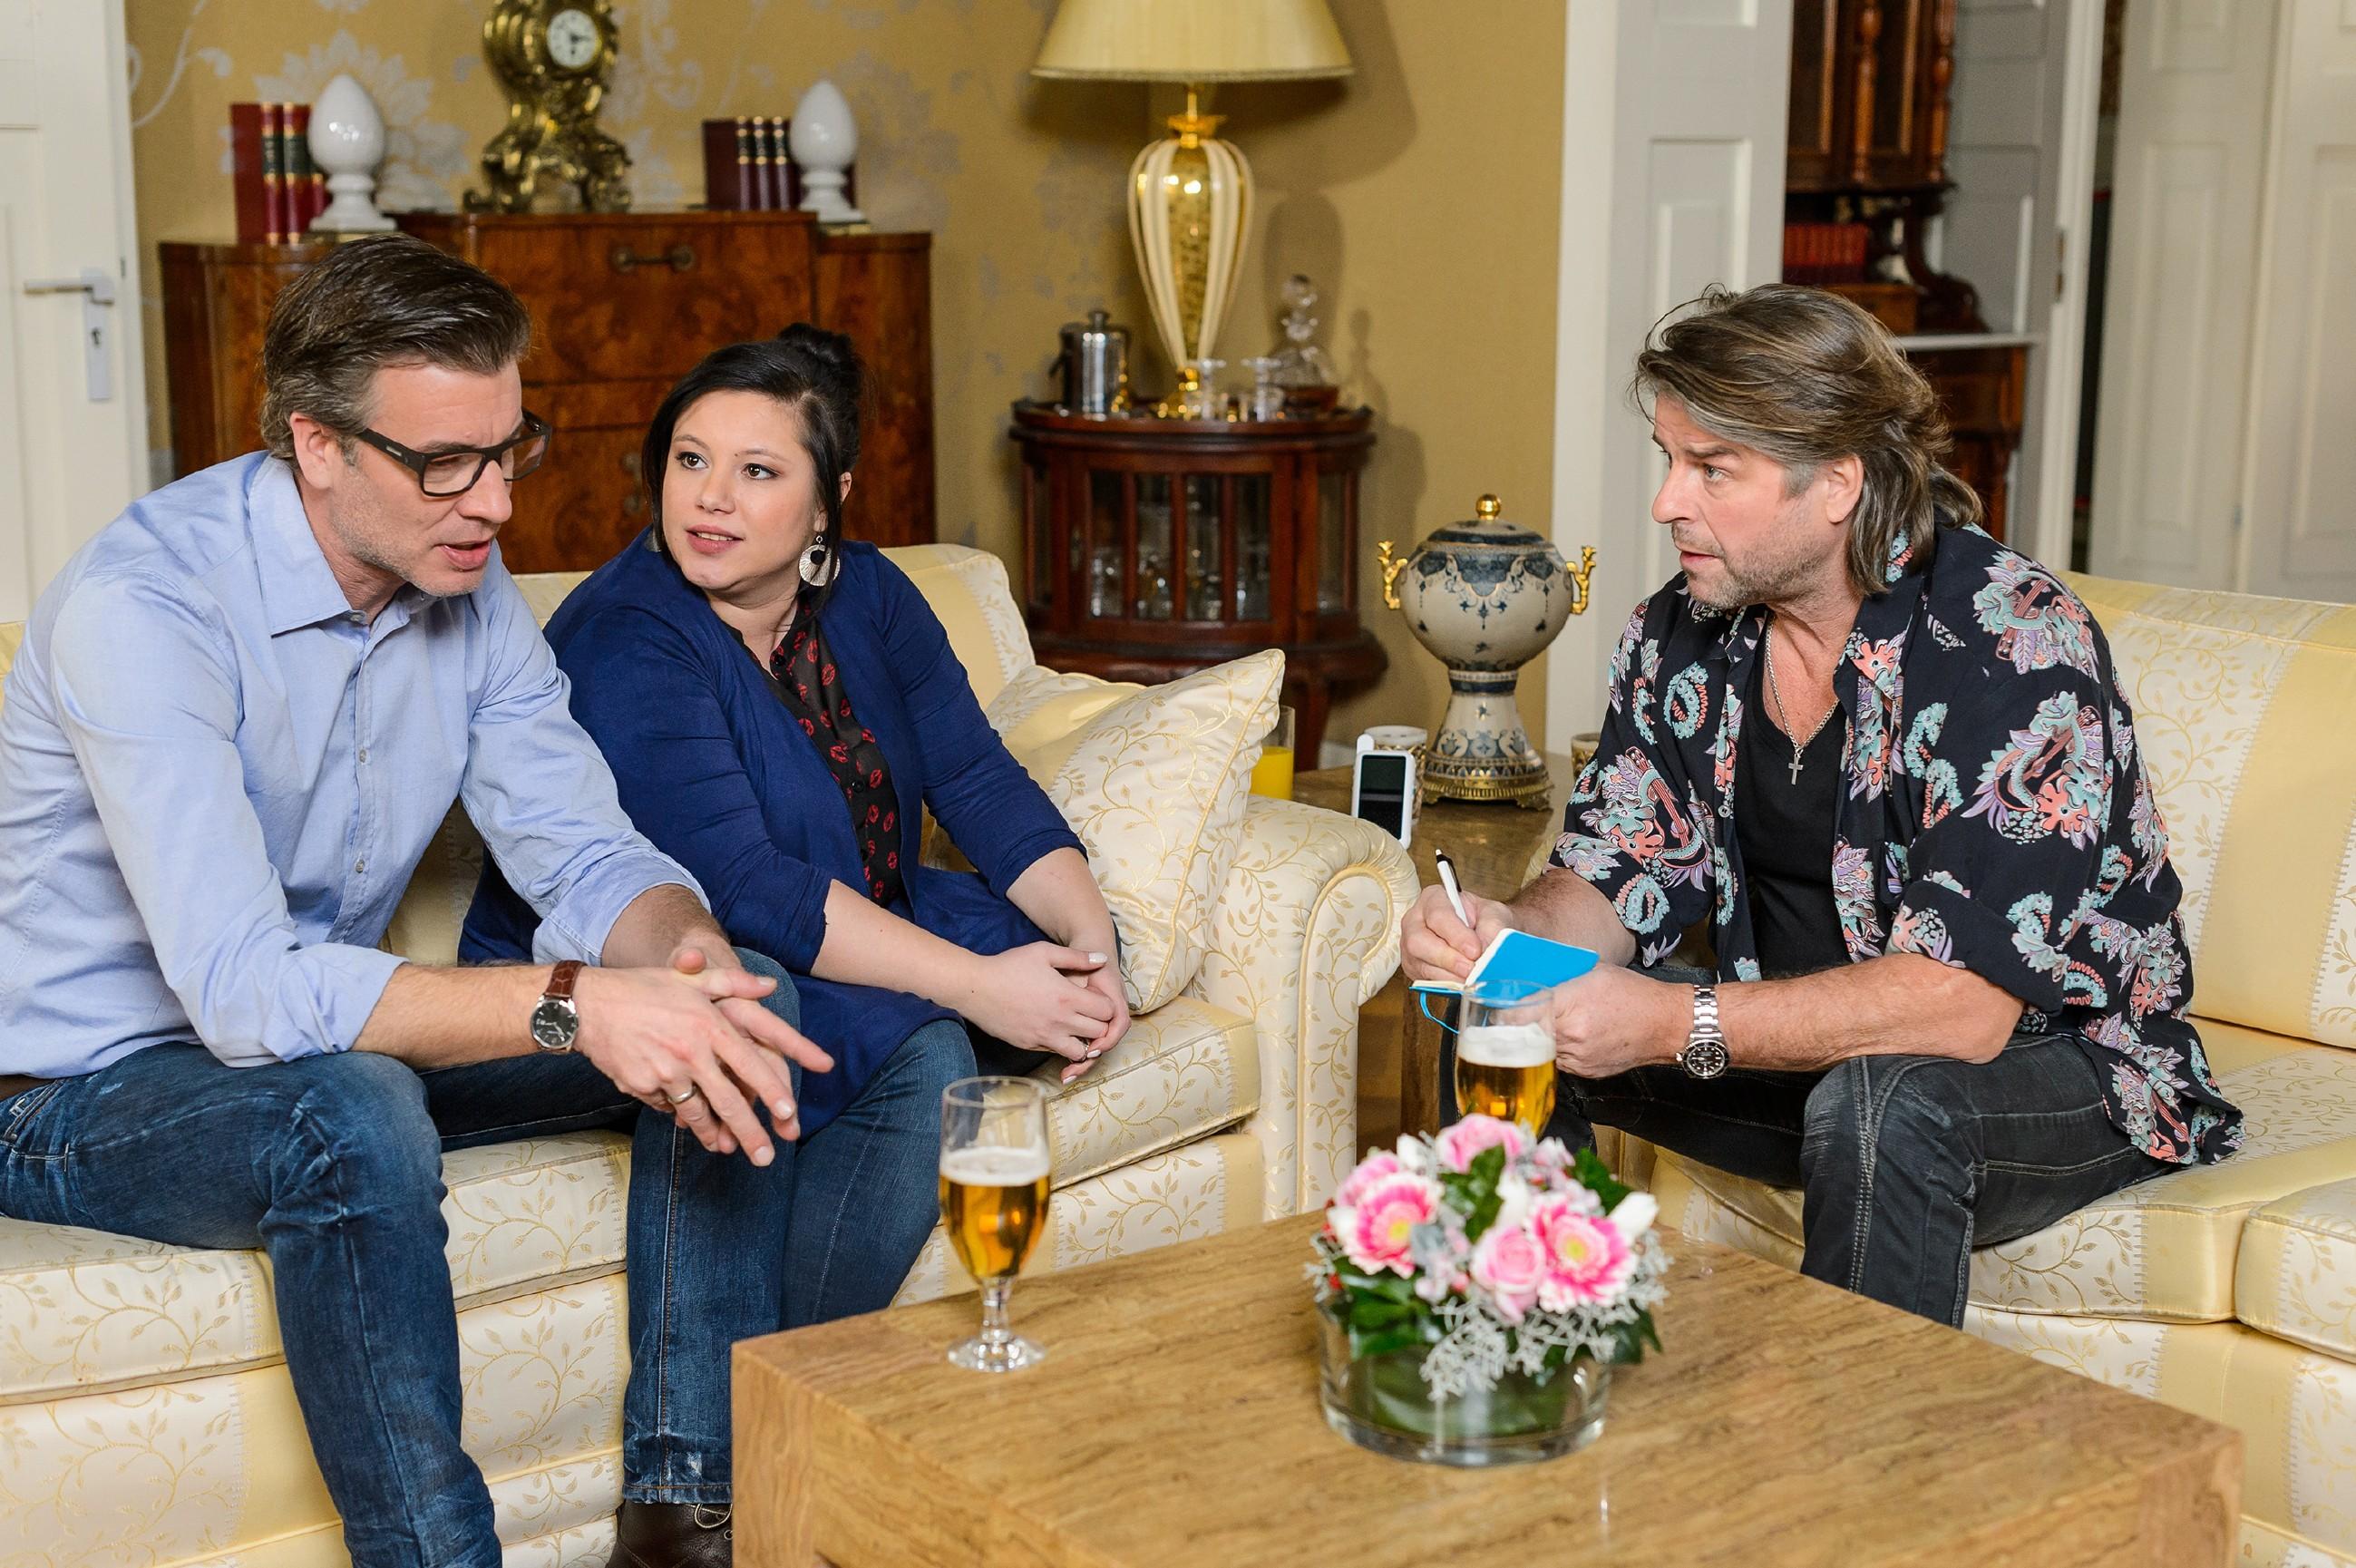 Als der Pfarrer Hellmut Zeiler (Uwe Fellensiek, r.) mit Vanessa (Julia Augustin) und Christoph (Lars Korten) die Taufe bespricht, sind sie sich bei der Patenwahl uneins. (Quelle: RTL / Willi Weber)